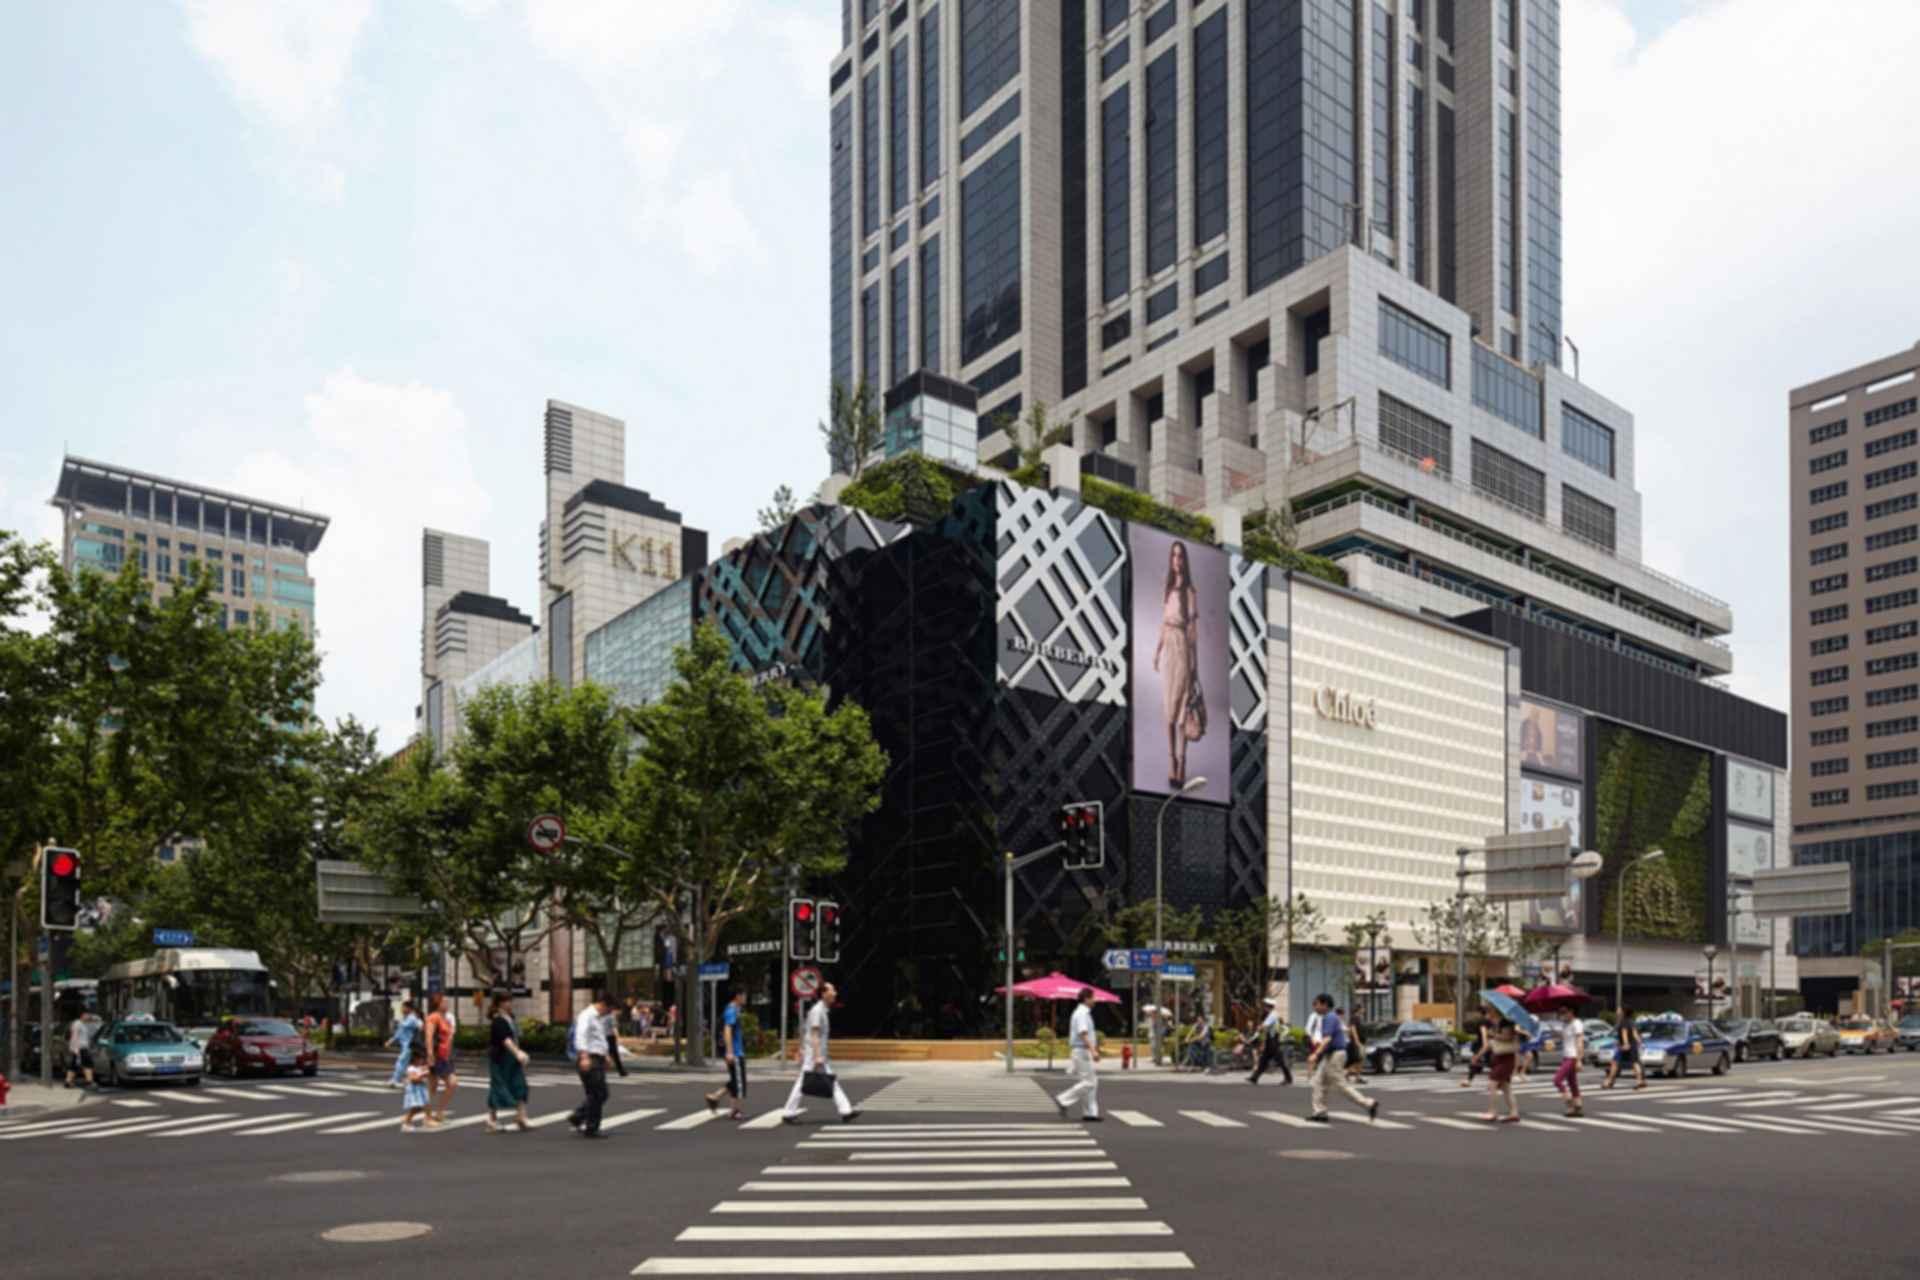 K11 Art Mall - exterior